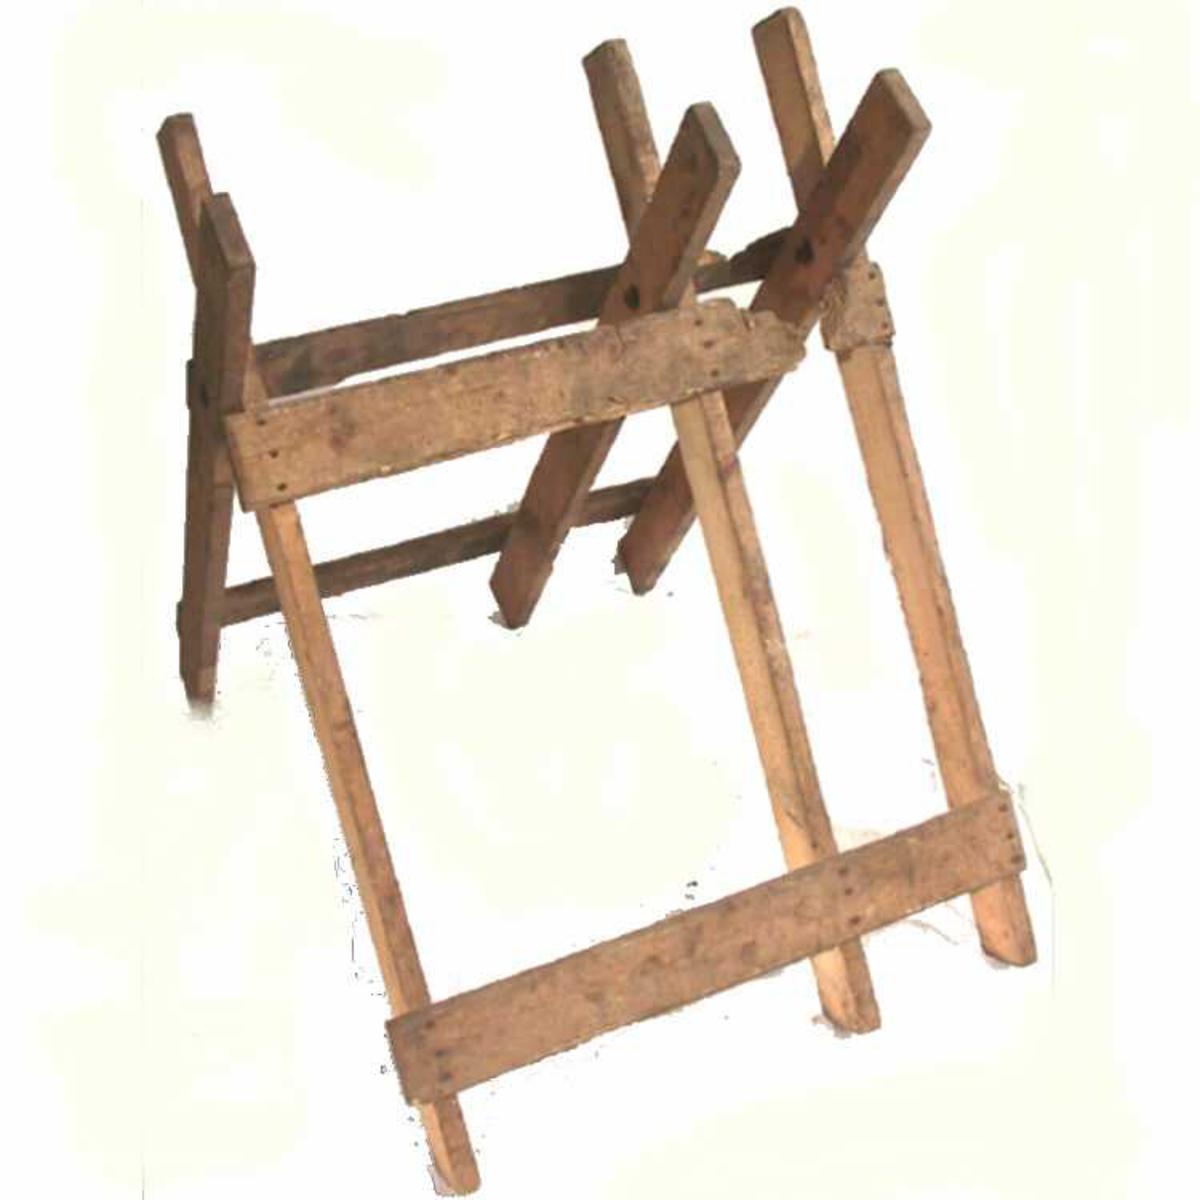 Sagkrakk med tre kryss, forbundet m liggende bord. Spinkel konstruksjon.